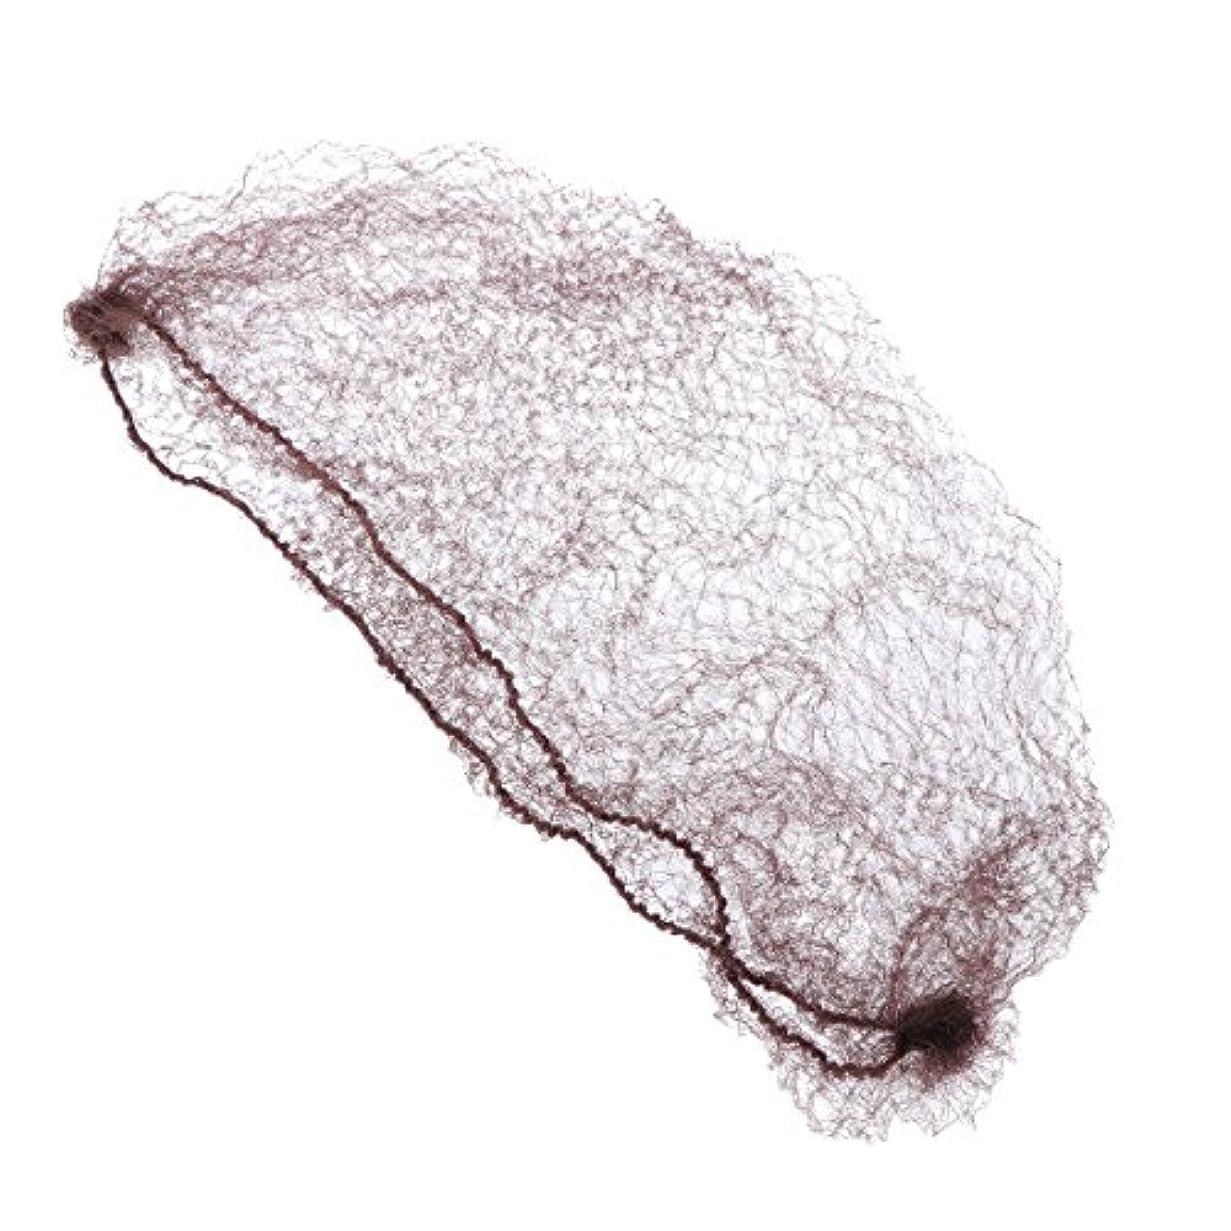 からに変化するリットル和解するFrcolor ヘアネット 髪束ねネット 目に見えない 弾性 団子ドレスアップ アクセサリー 再利用可能 50本 (コーヒー/ 50cm)